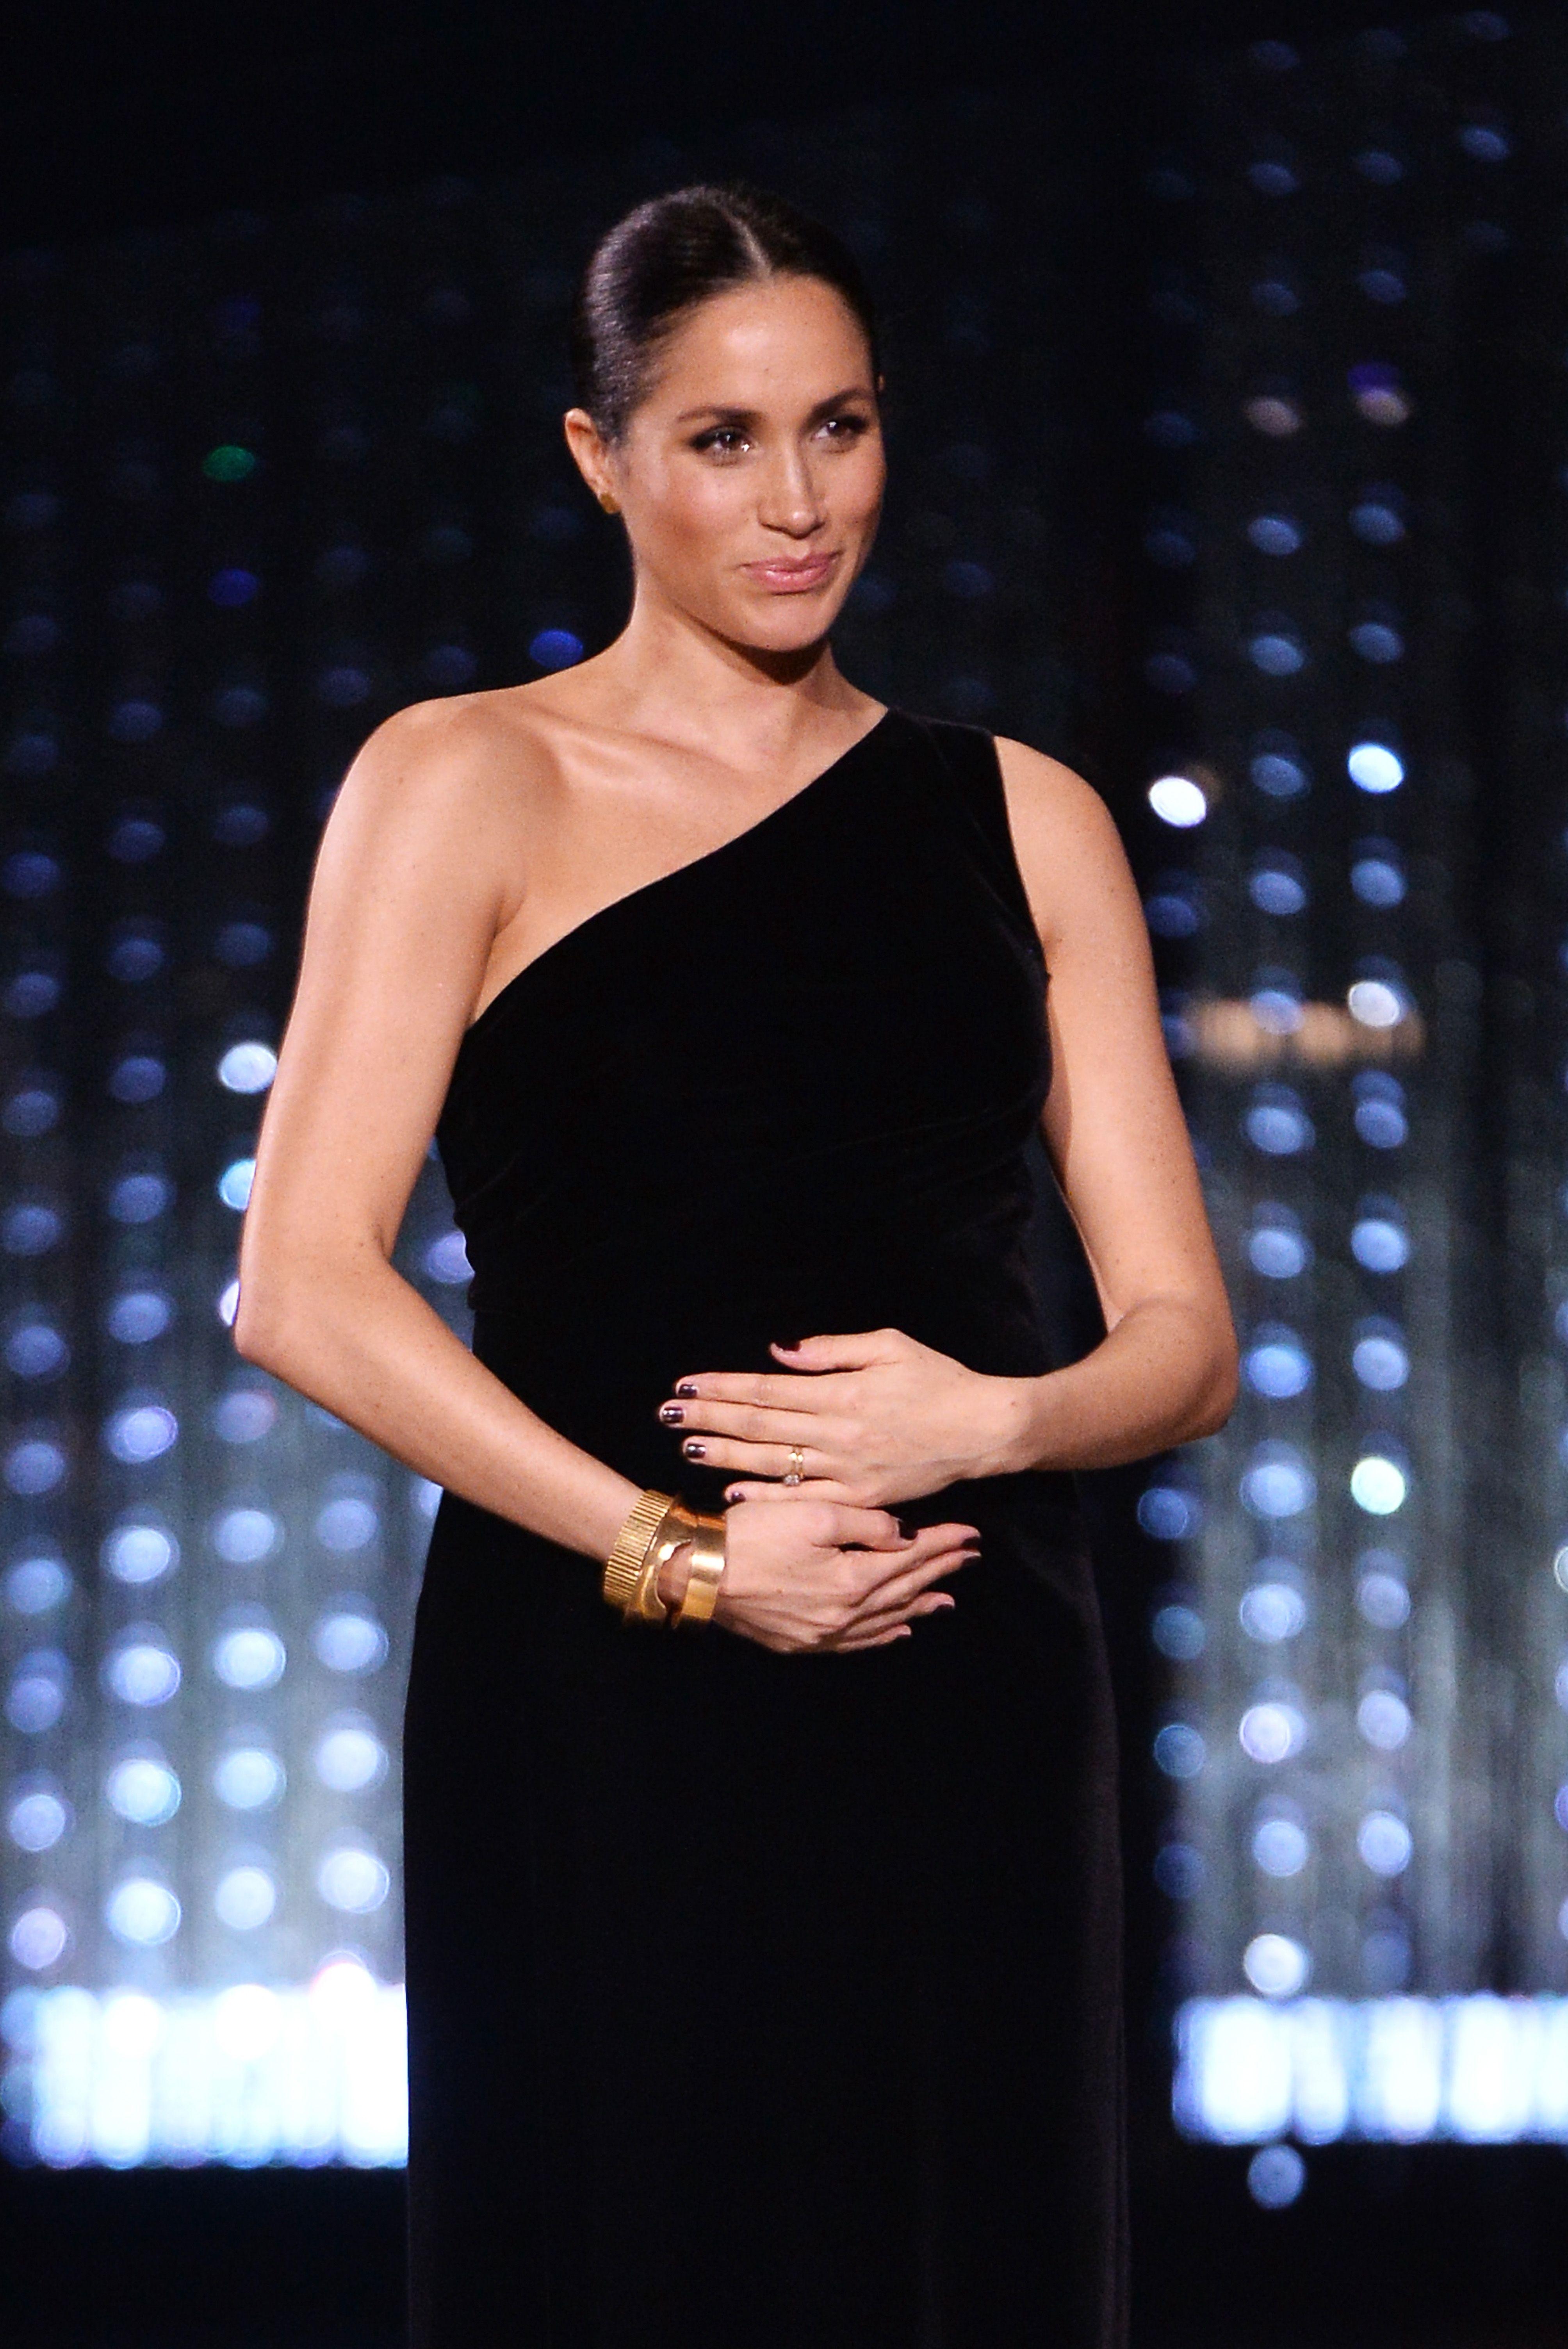 Meghan Markle dikira sedang hamil anak kembar karena perutnya yang terlihat sangat besar (dok. Cosmopolitan)